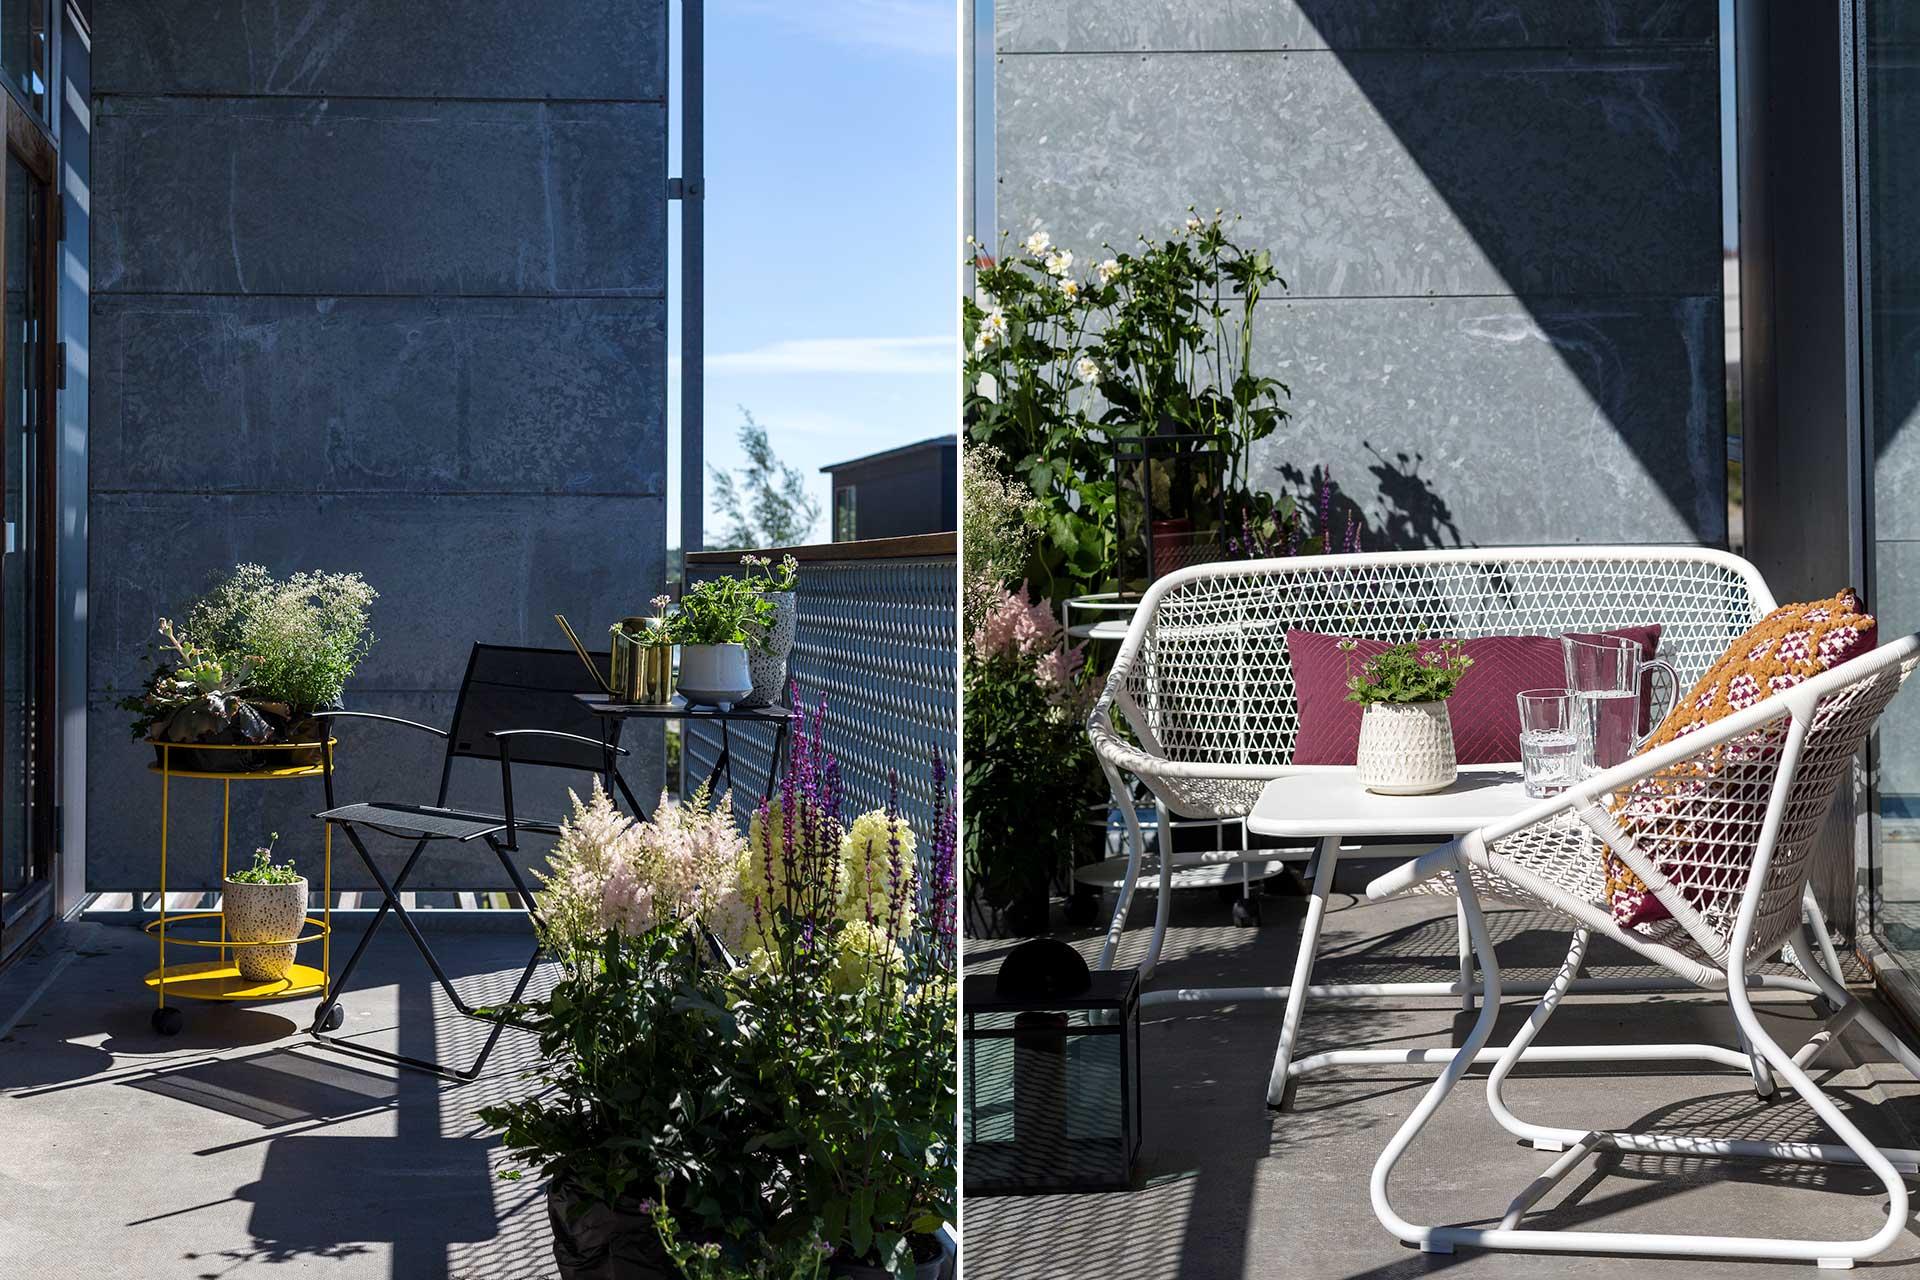 Satsa gärna på nätta och hopfällbara möbler som ger en luftig känsla till den lilla balkongen.